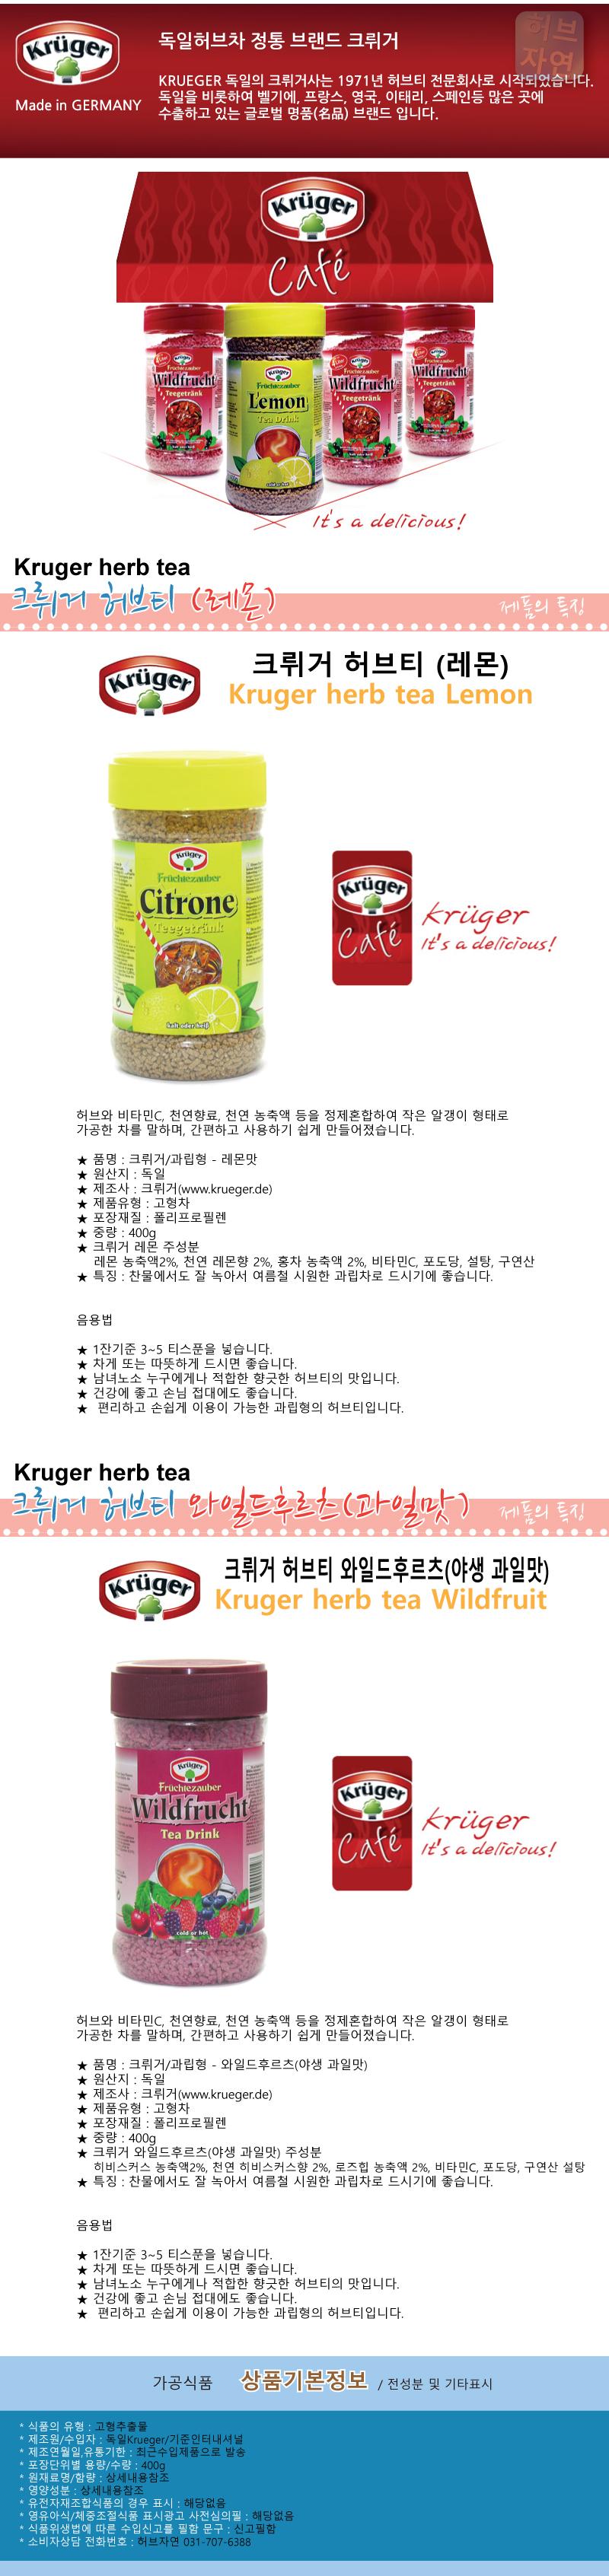 KJ크뤼거 과립허브티 레몬 - 400g/010761 상세사진